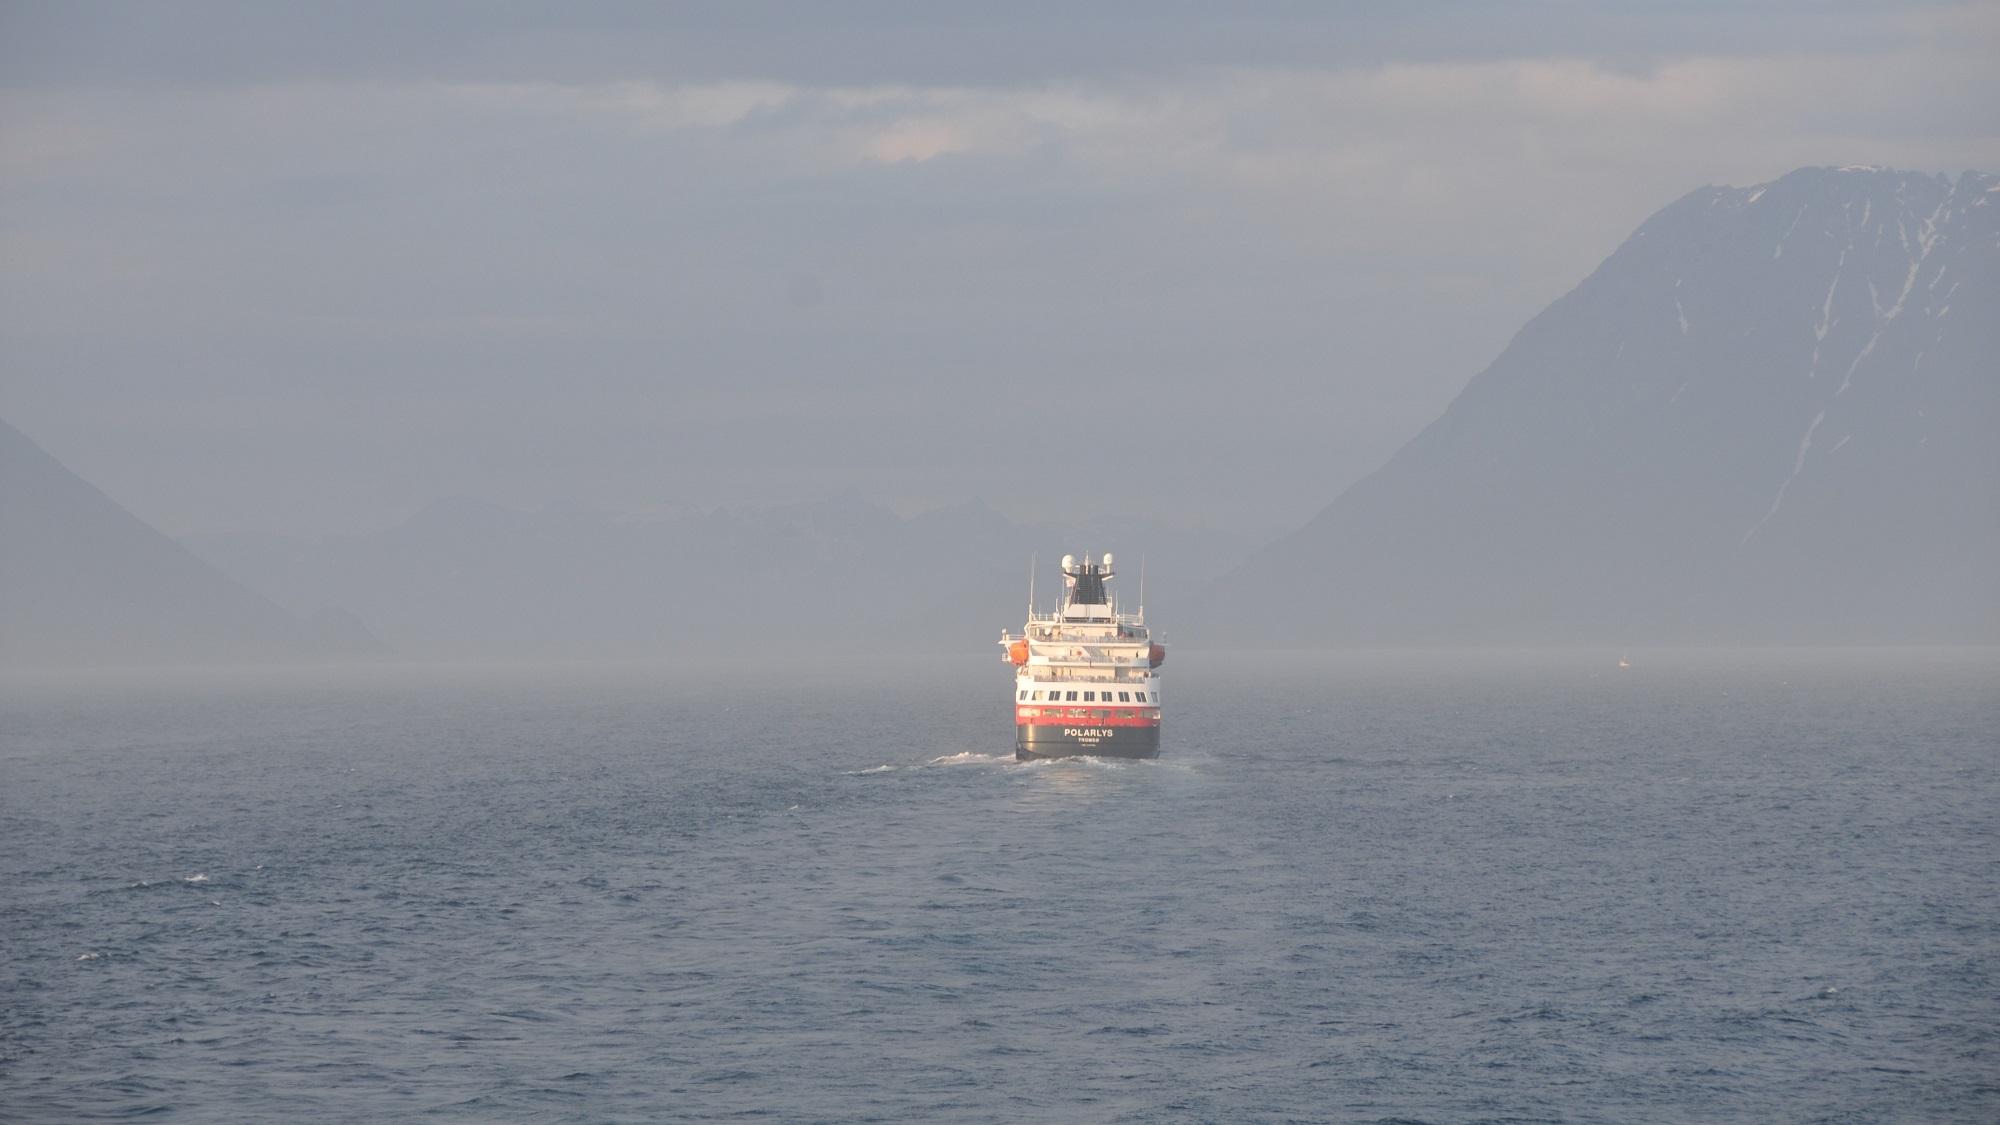 Die MS Polarlys verschwindet im Nebel